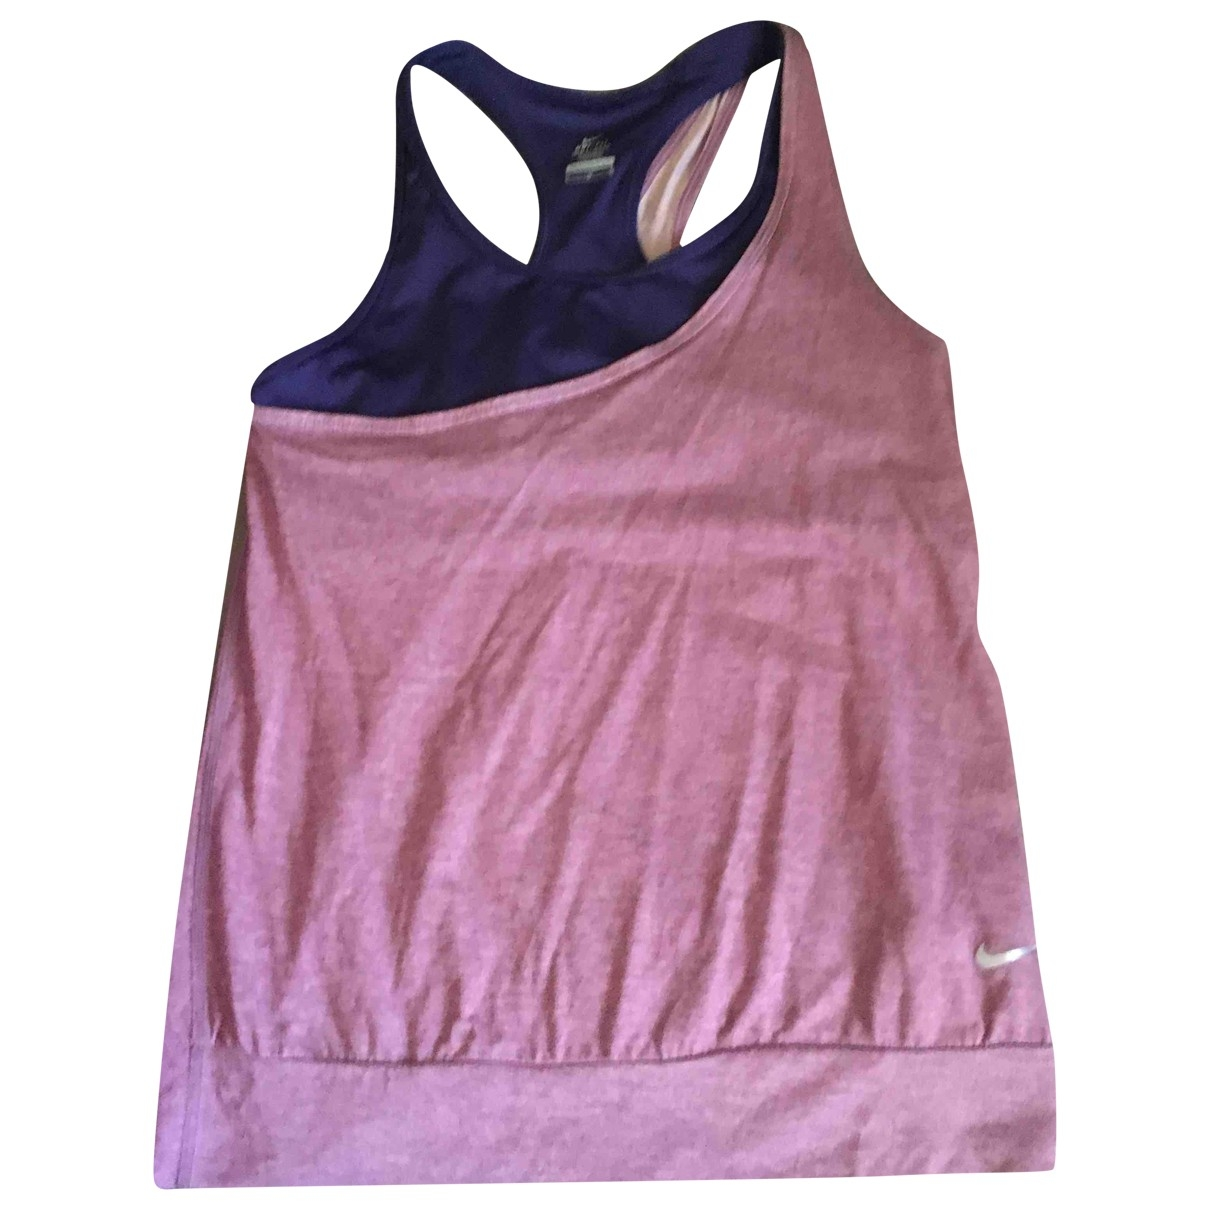 Nike \N Top in  Lila Synthetik